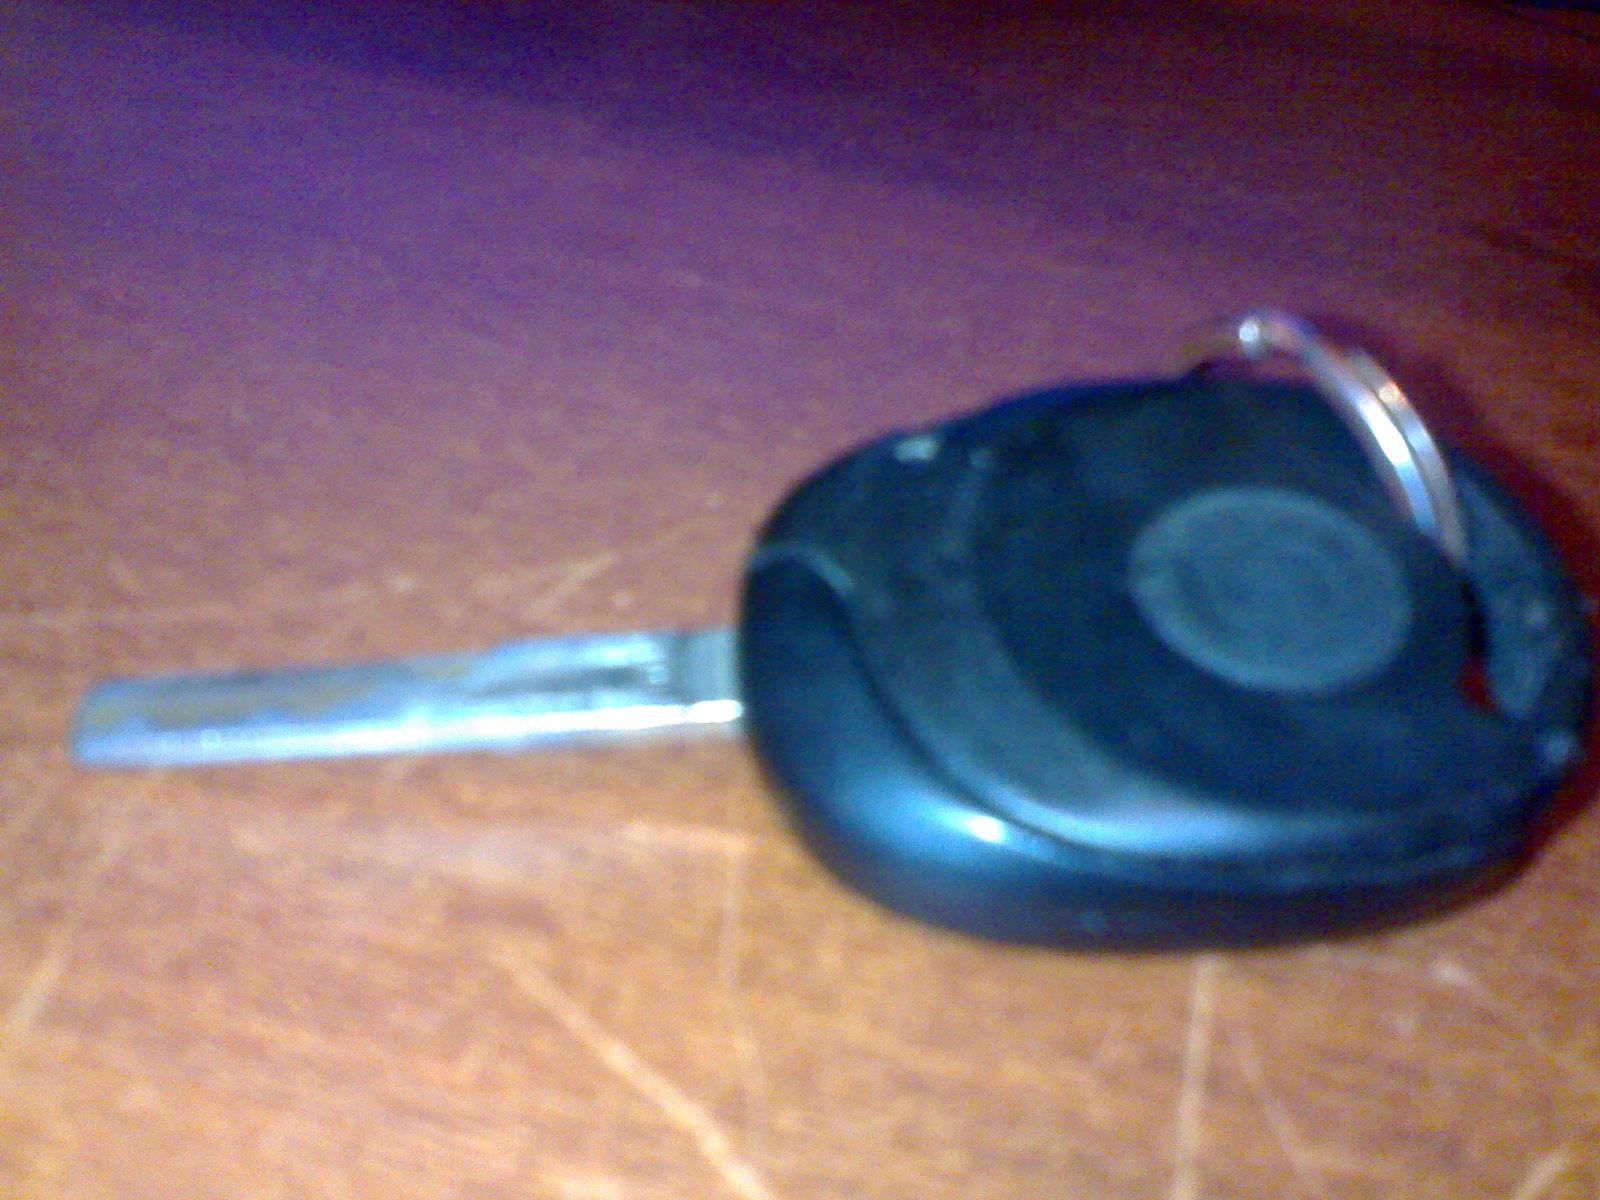 какие цепи блокирует иммобилайзер опель омега 1999г